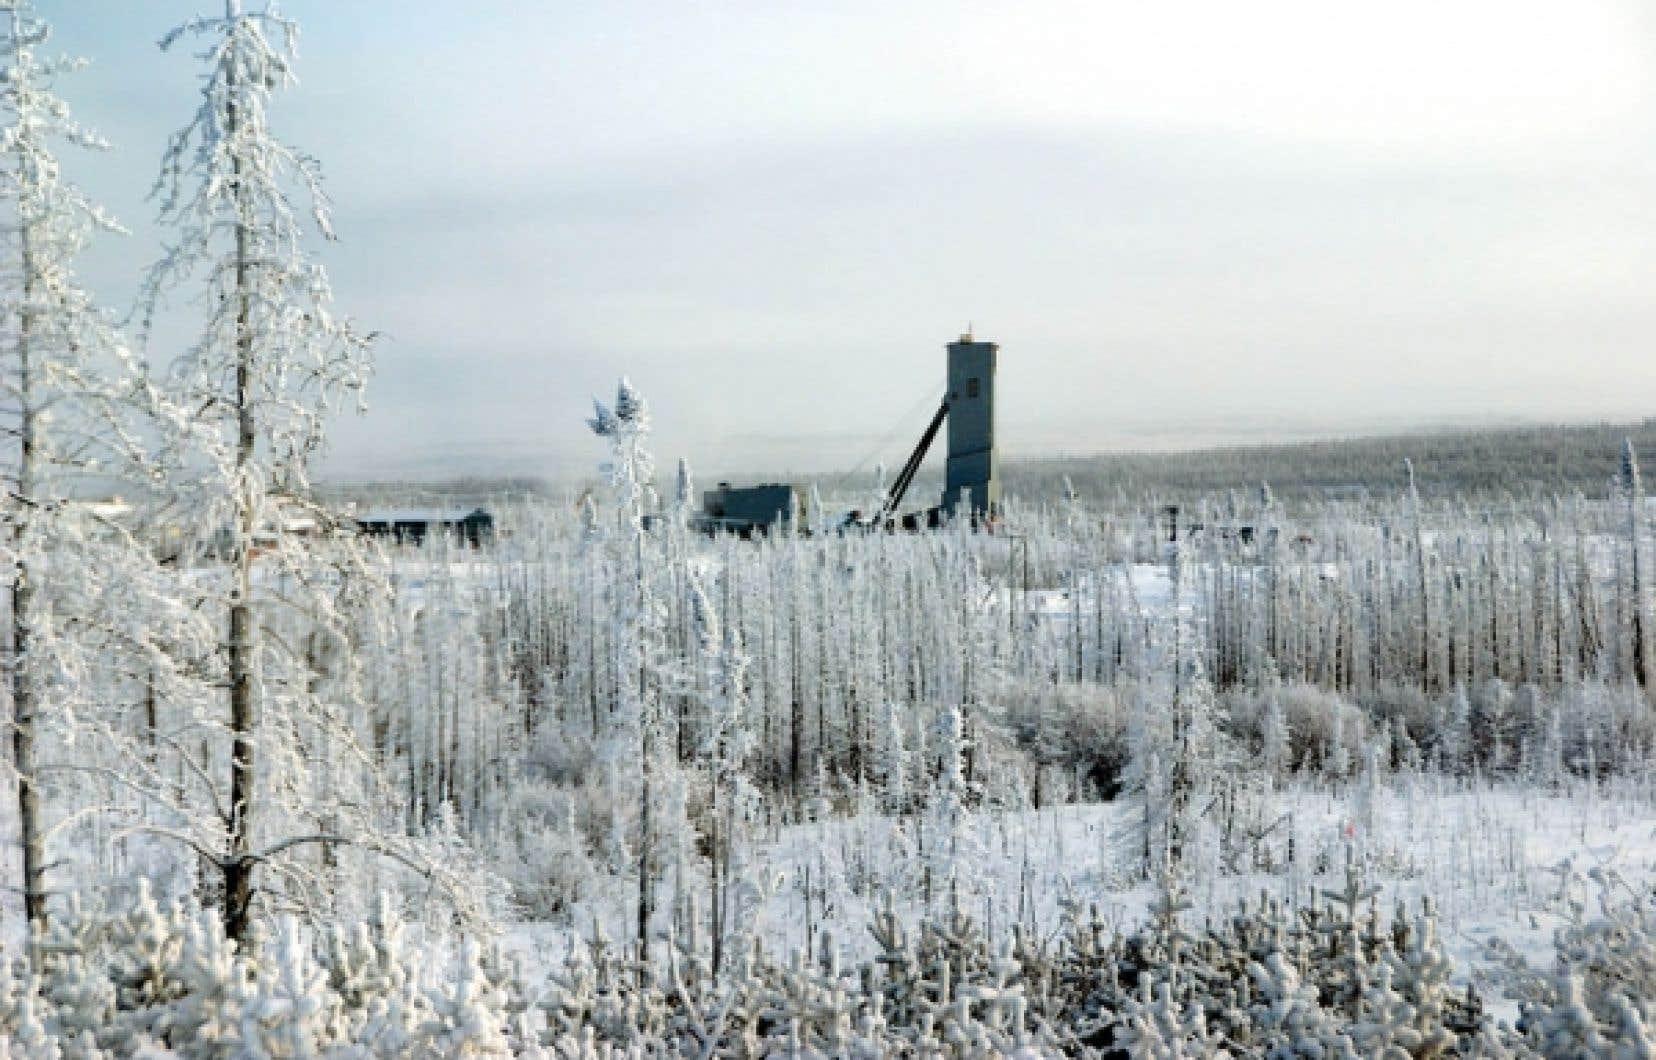 Goldcorp développe actuellement le site Éléonore, où elle souhaite amorcer l'extraction d'or d'ici décembre 2014, pour une production estimée à 600 000 onces par année, sur une période de 20 ans. La construction d'une route, à un coût estimé à près de 40 millions, offrirait un accès permanent au site.<br />